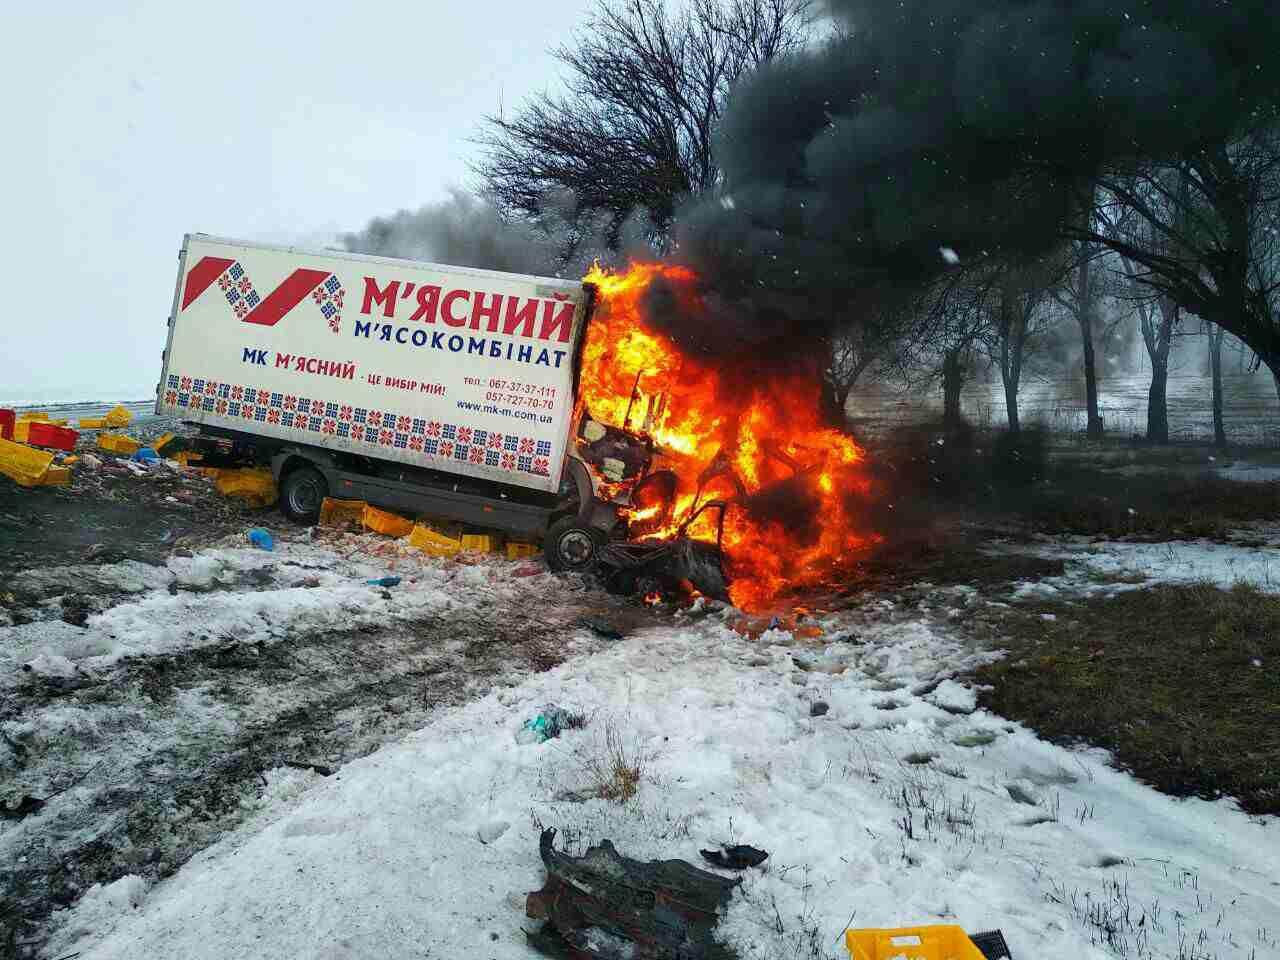 Под Днепром произошло ДТП с пожаром, трое погибших: фото